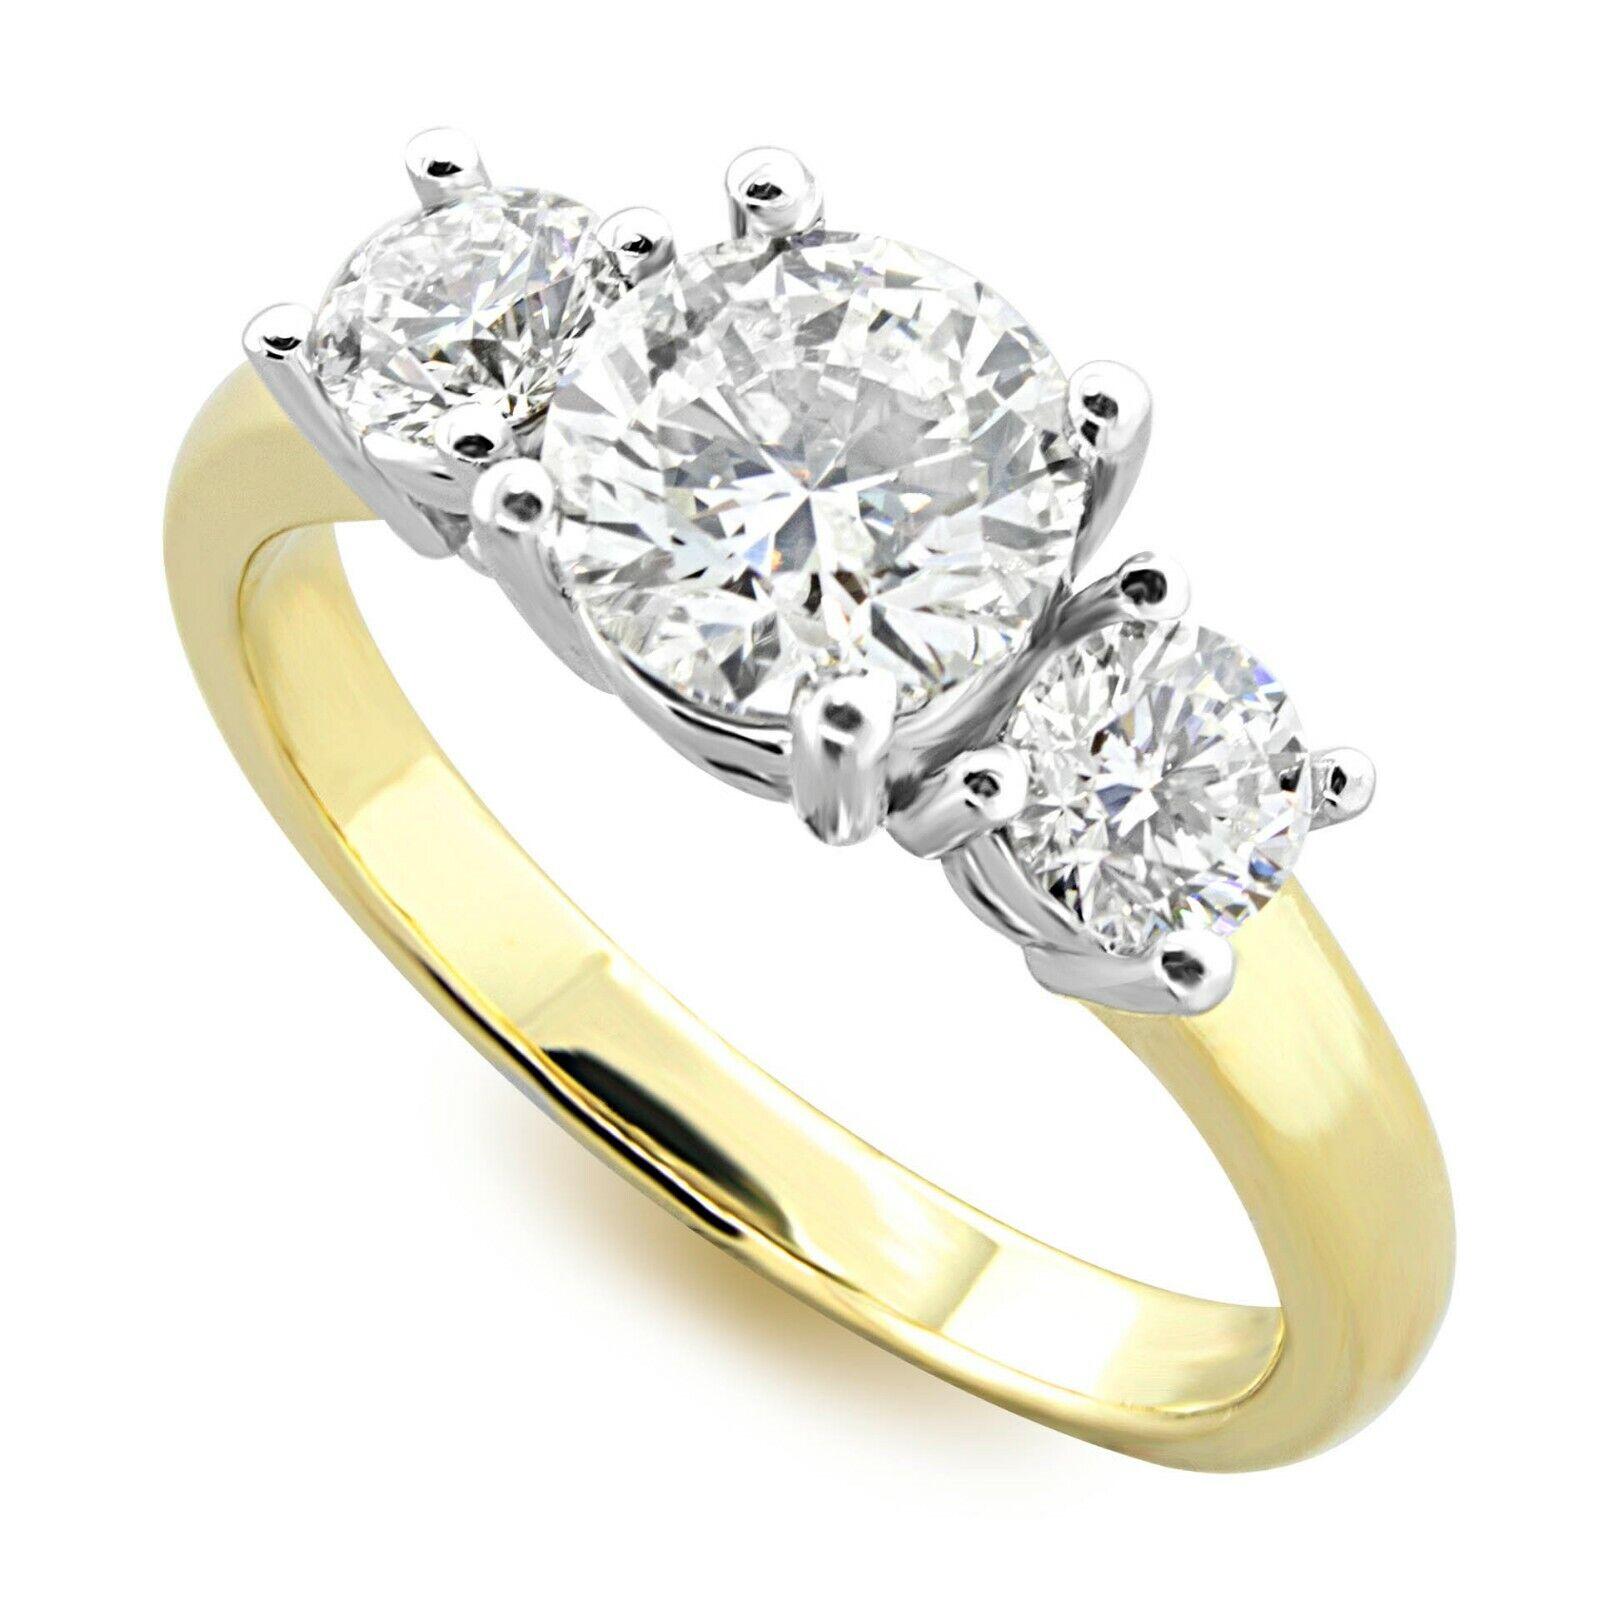 1.50ct. Three Stone GIA cert. Diamond Engagement Ring, 14k White & Yellow Gold